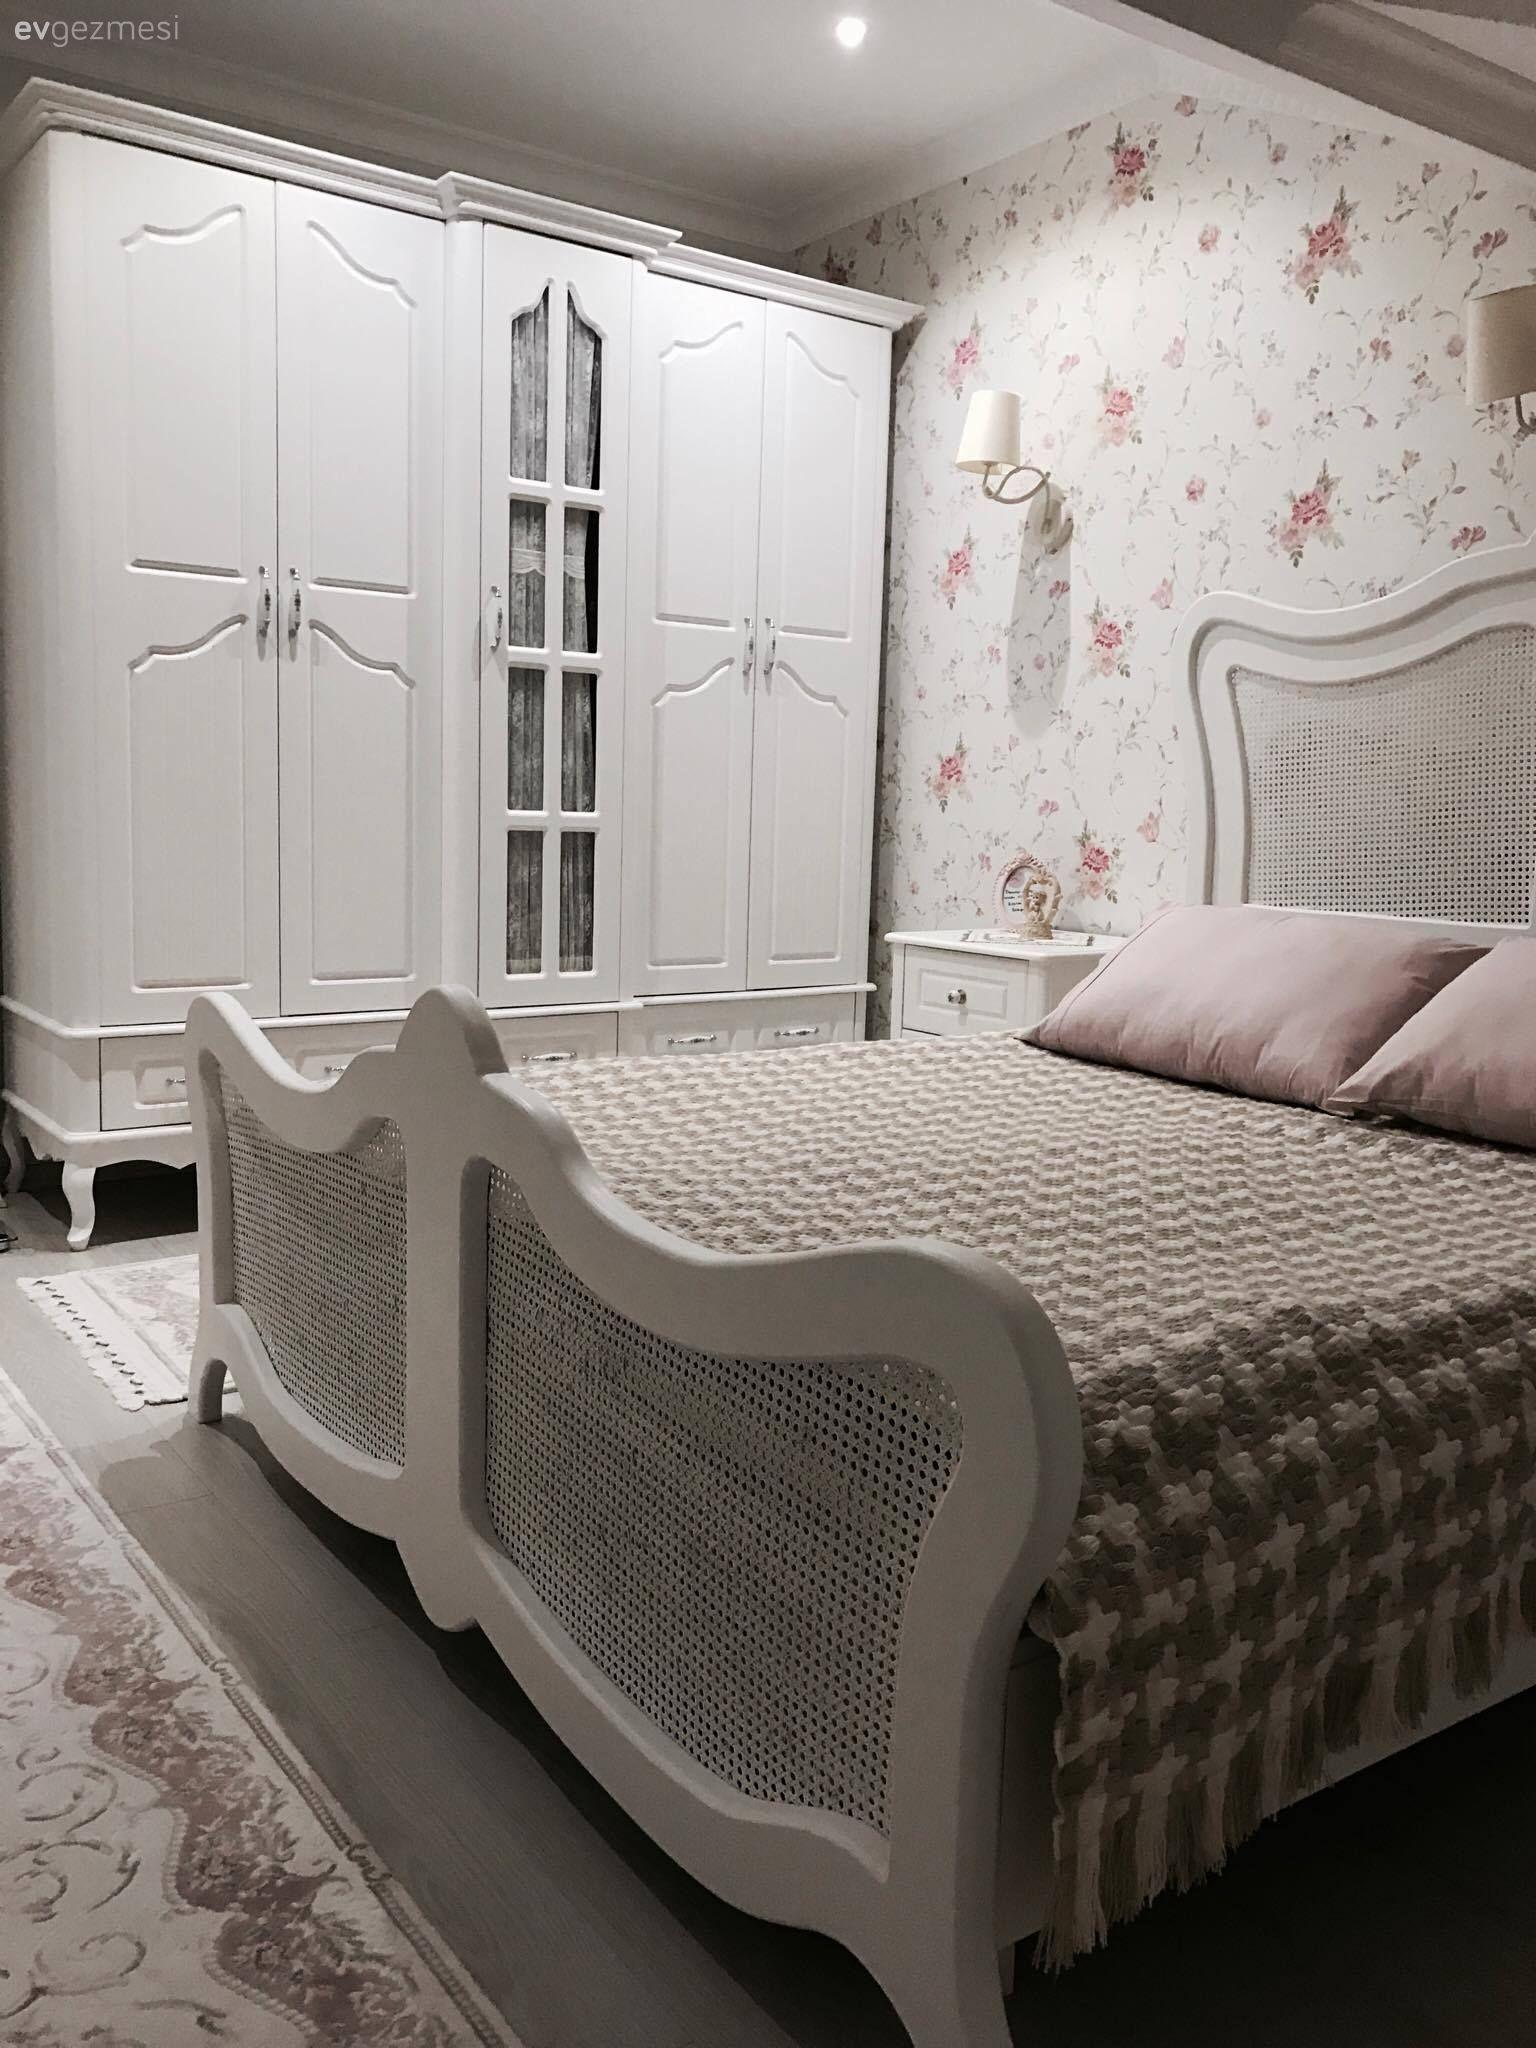 Tatlı bir rüya için yumuşak bir yatak başlığına sahip yataklar